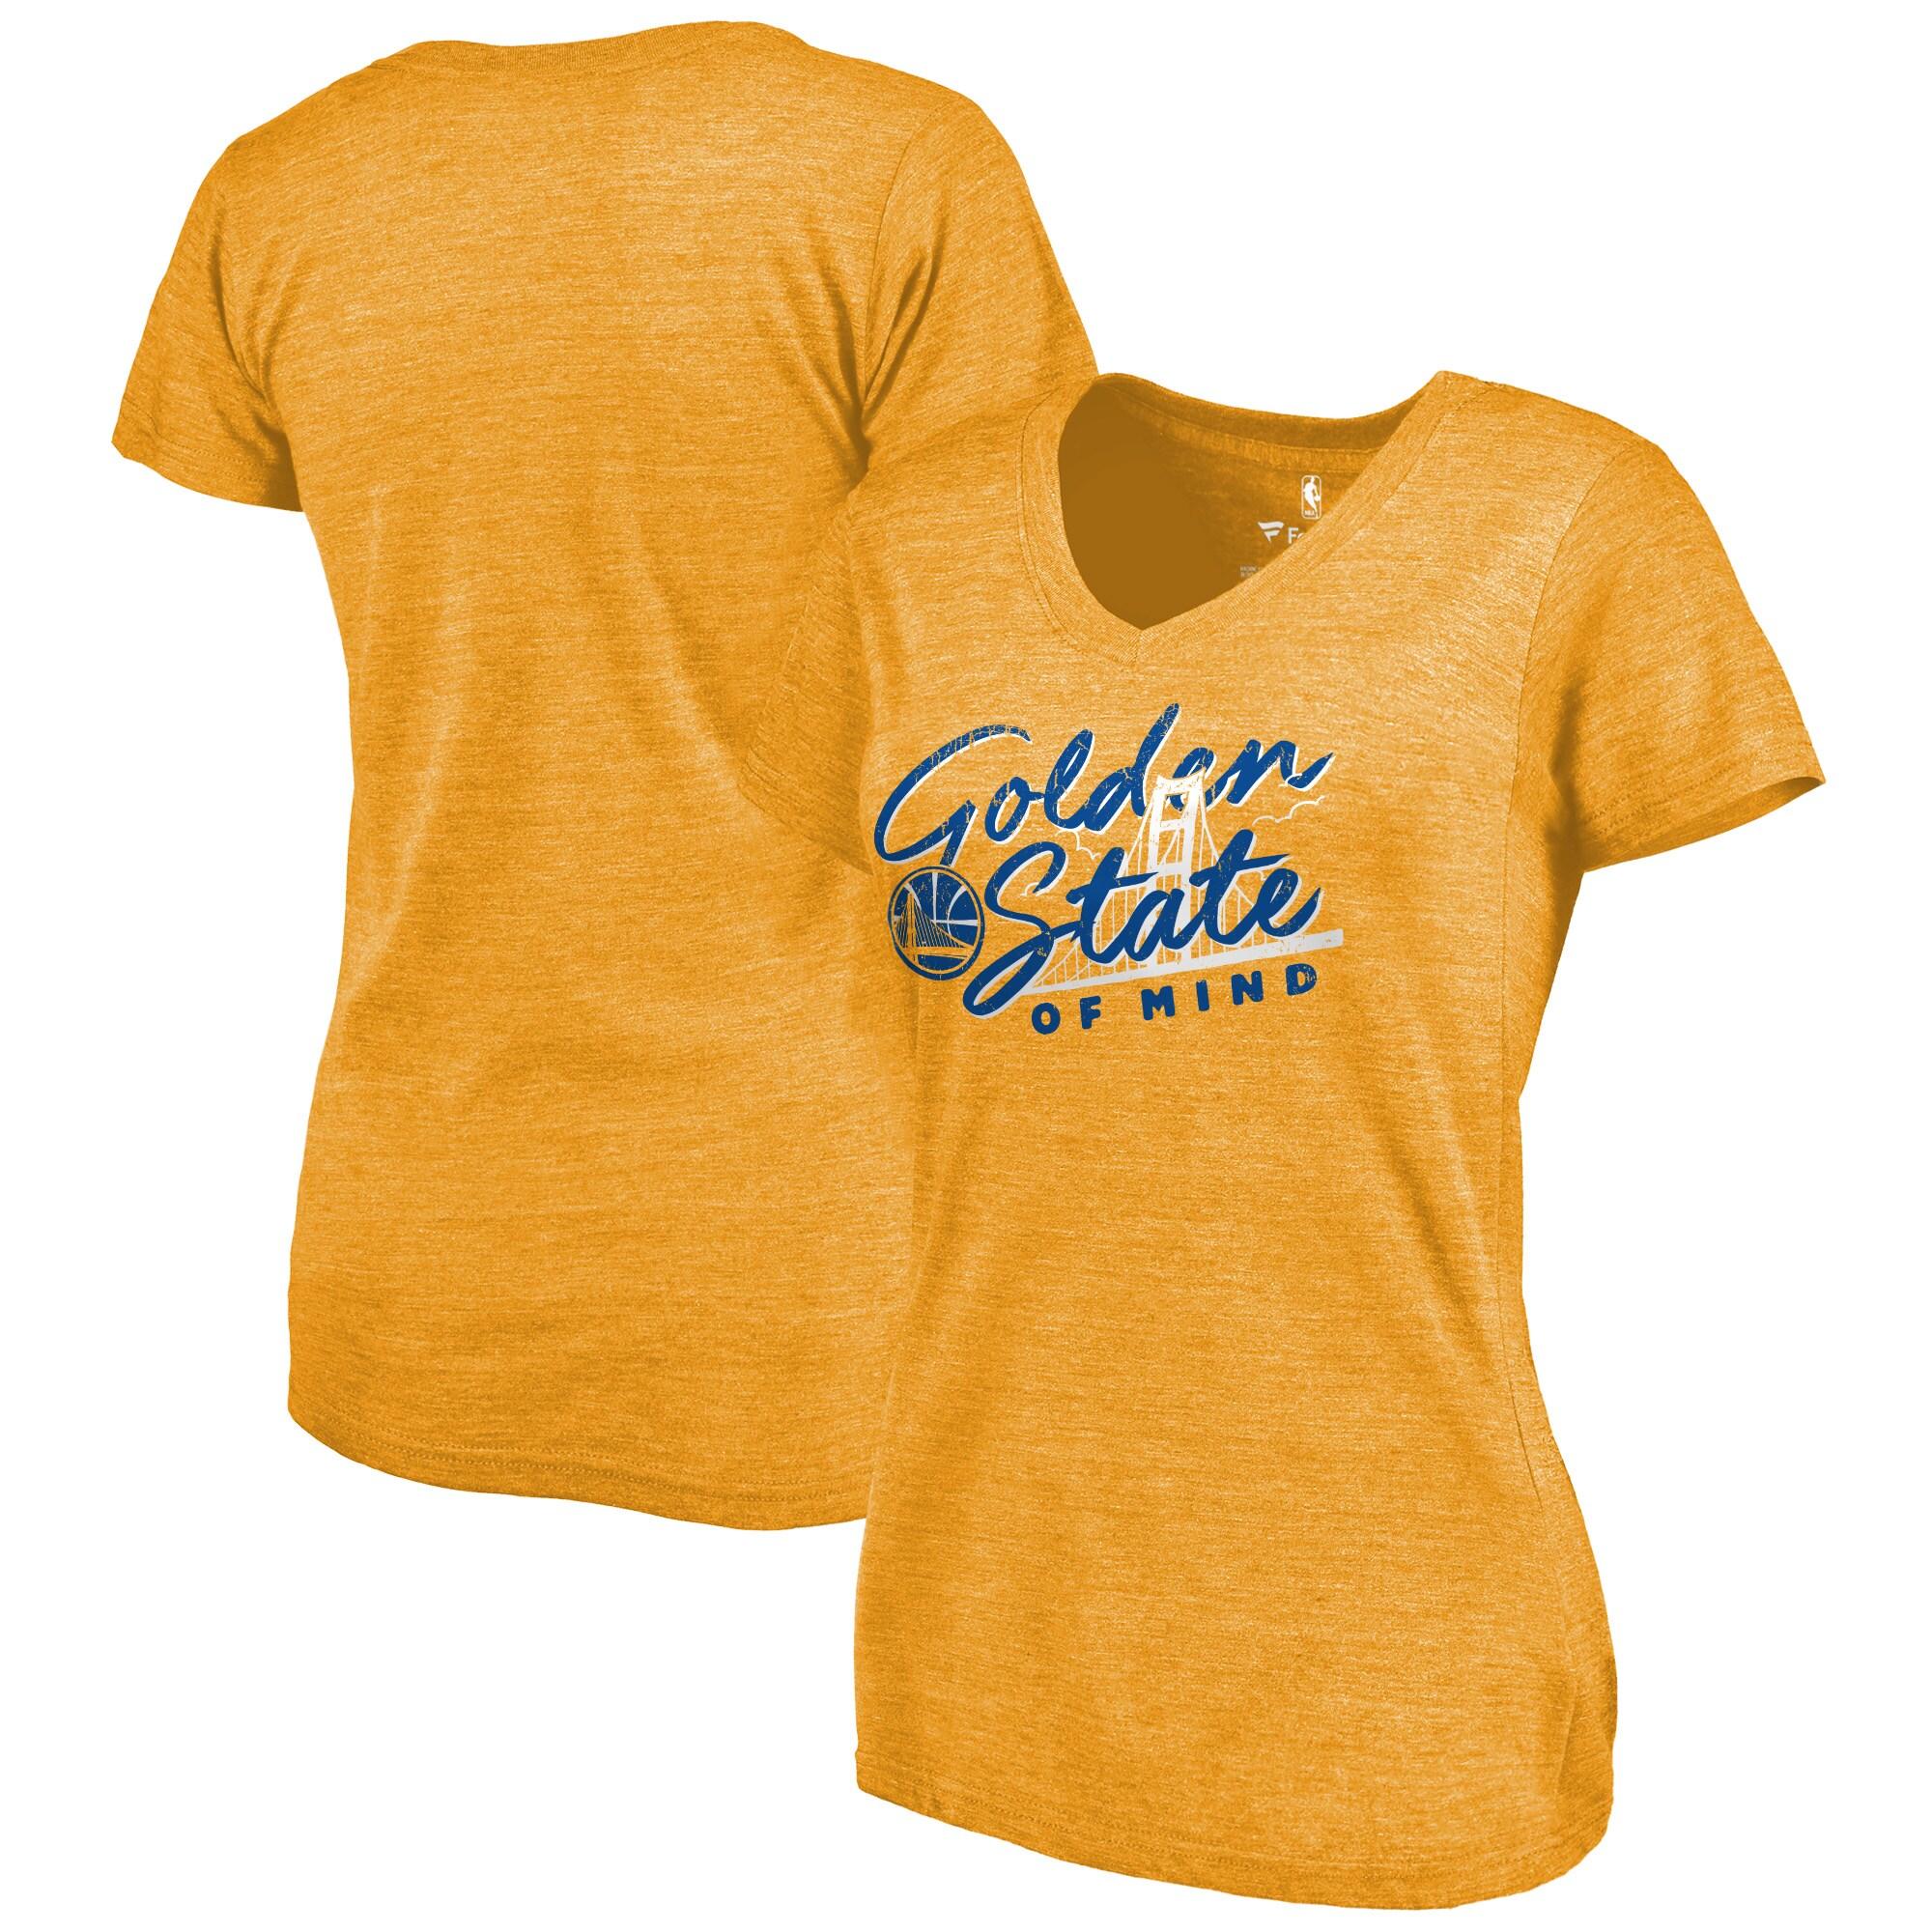 Golden State Warriors Fanatics Branded Women's Hometown Collection Mindset Tri-Blend T-Shirt - Gold